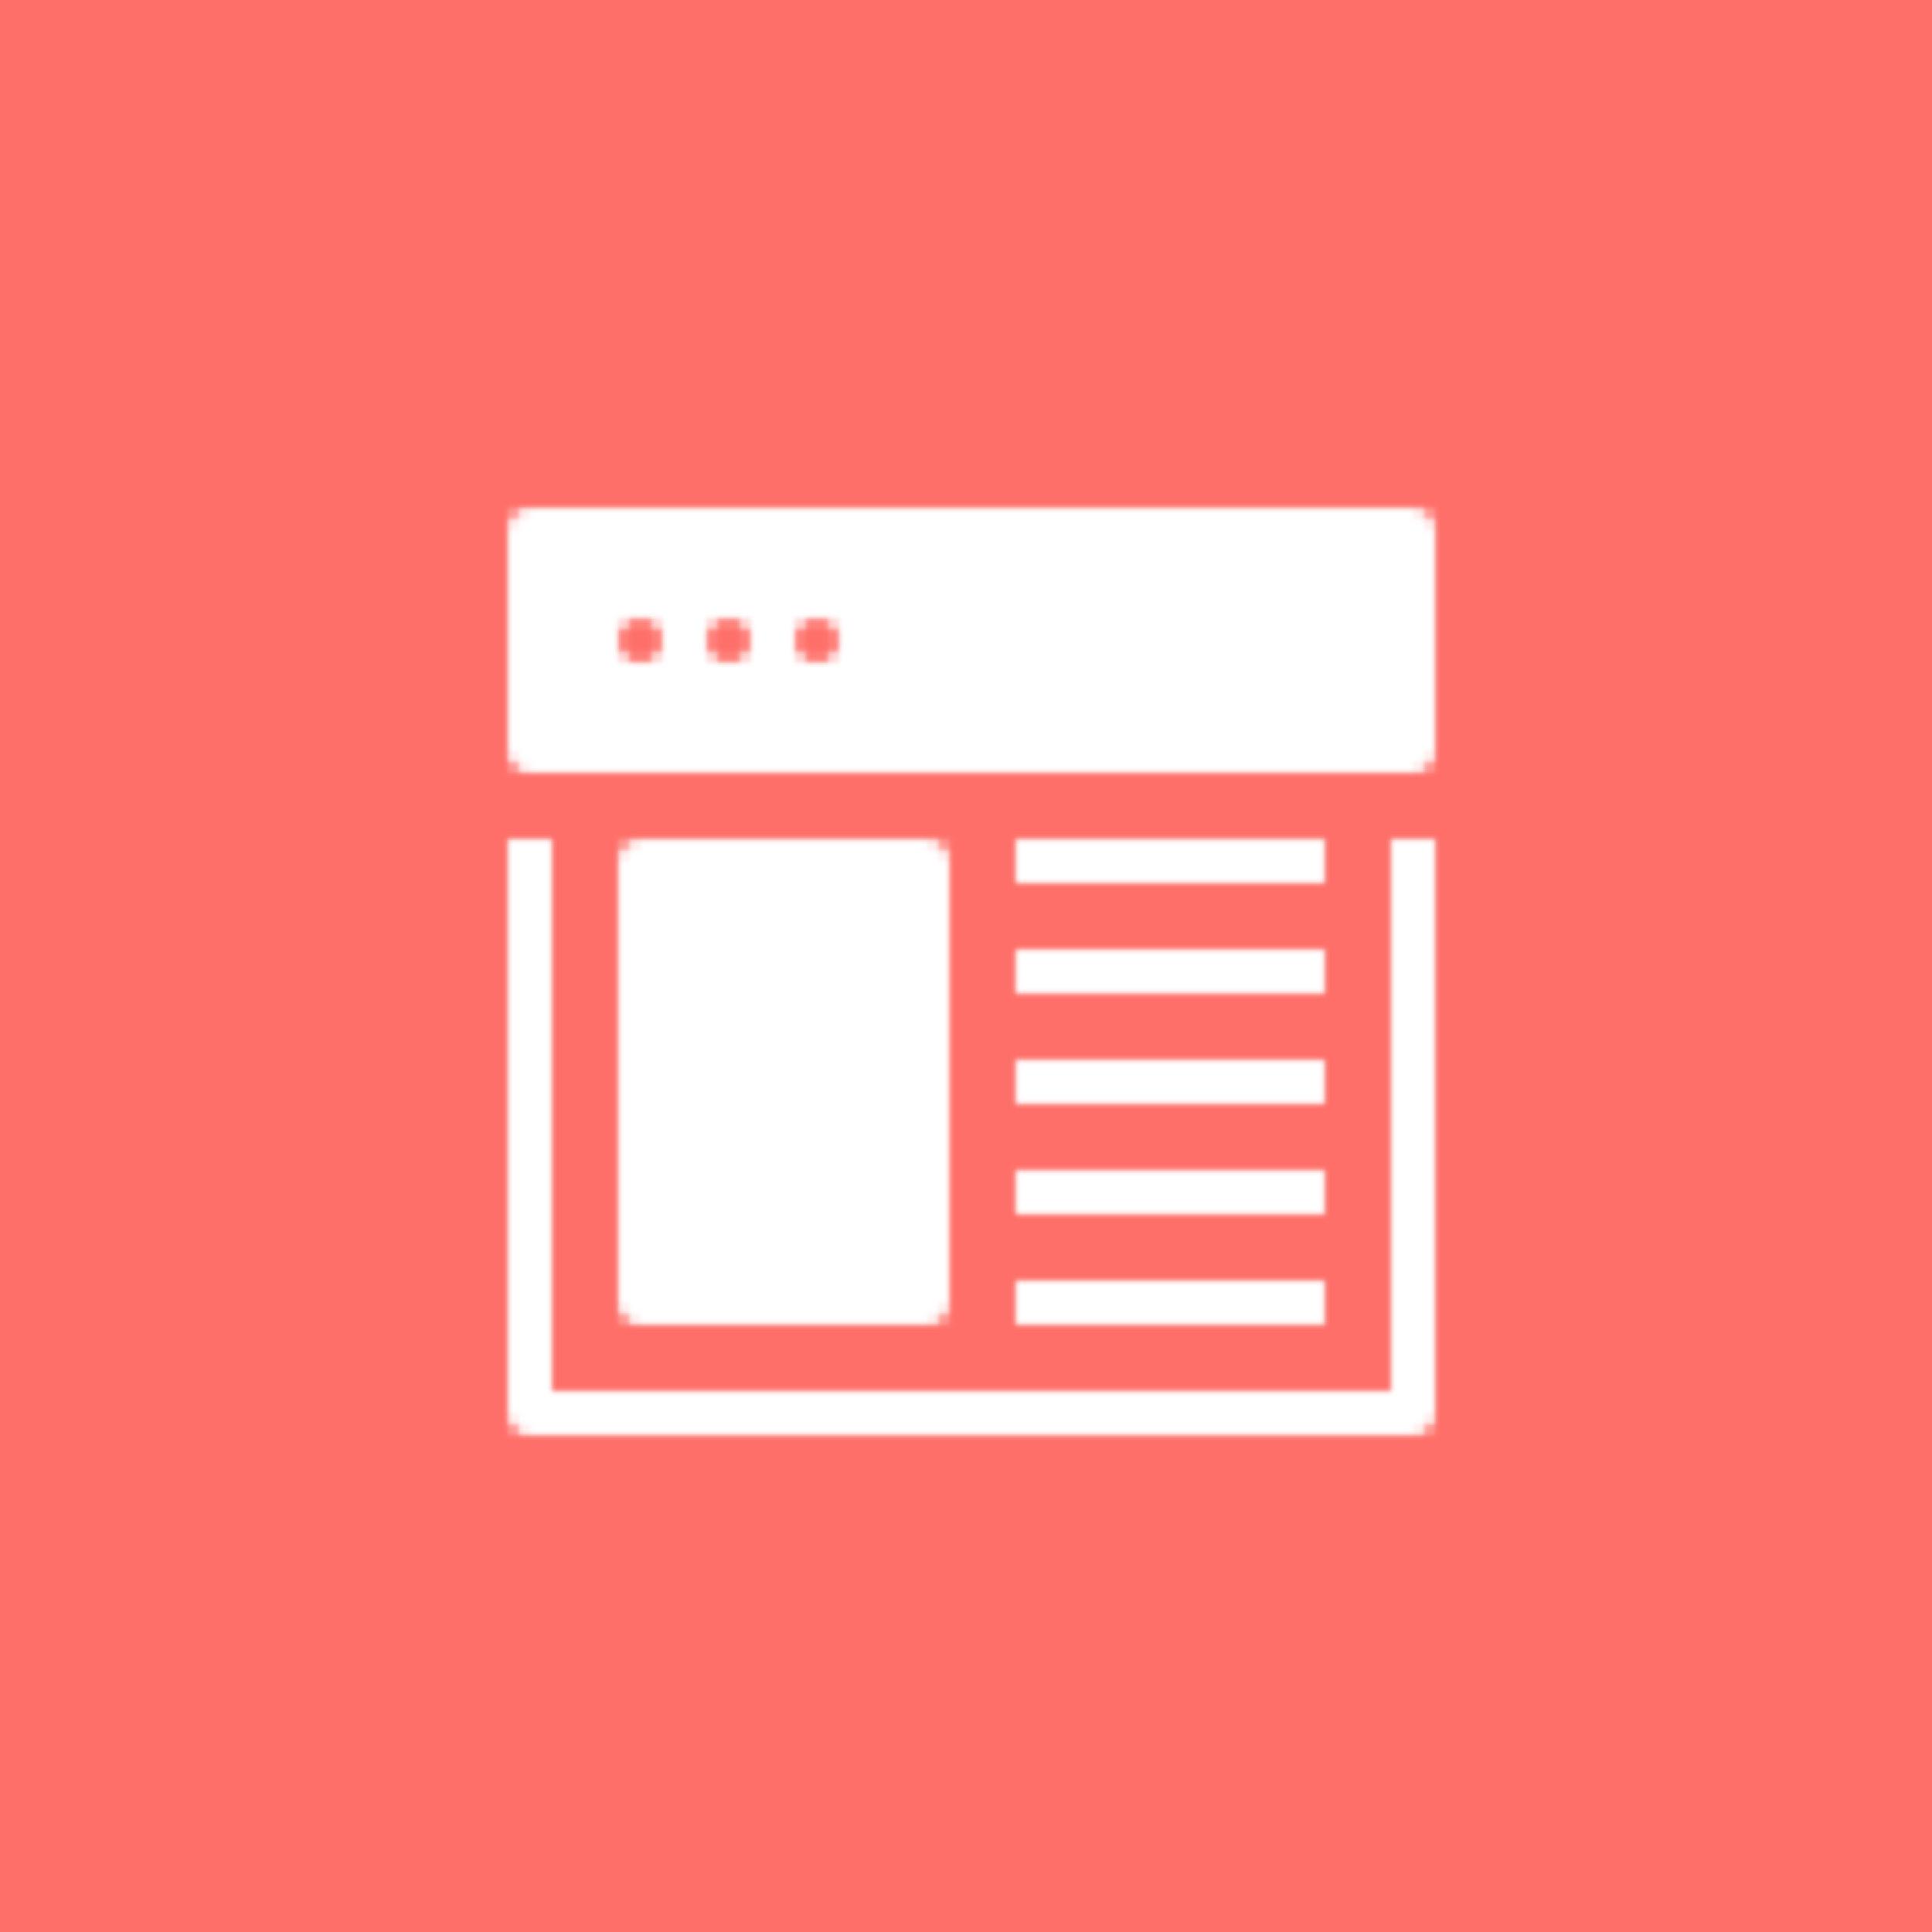 Online & Social - Wir texten für Ihre Online-Kanäle, entwickeln Websites und Apps, oder setzen neue Blogs, Social Media-Profile und Newsletter für Sie auf. Ganz, wie Sie's brauchen.